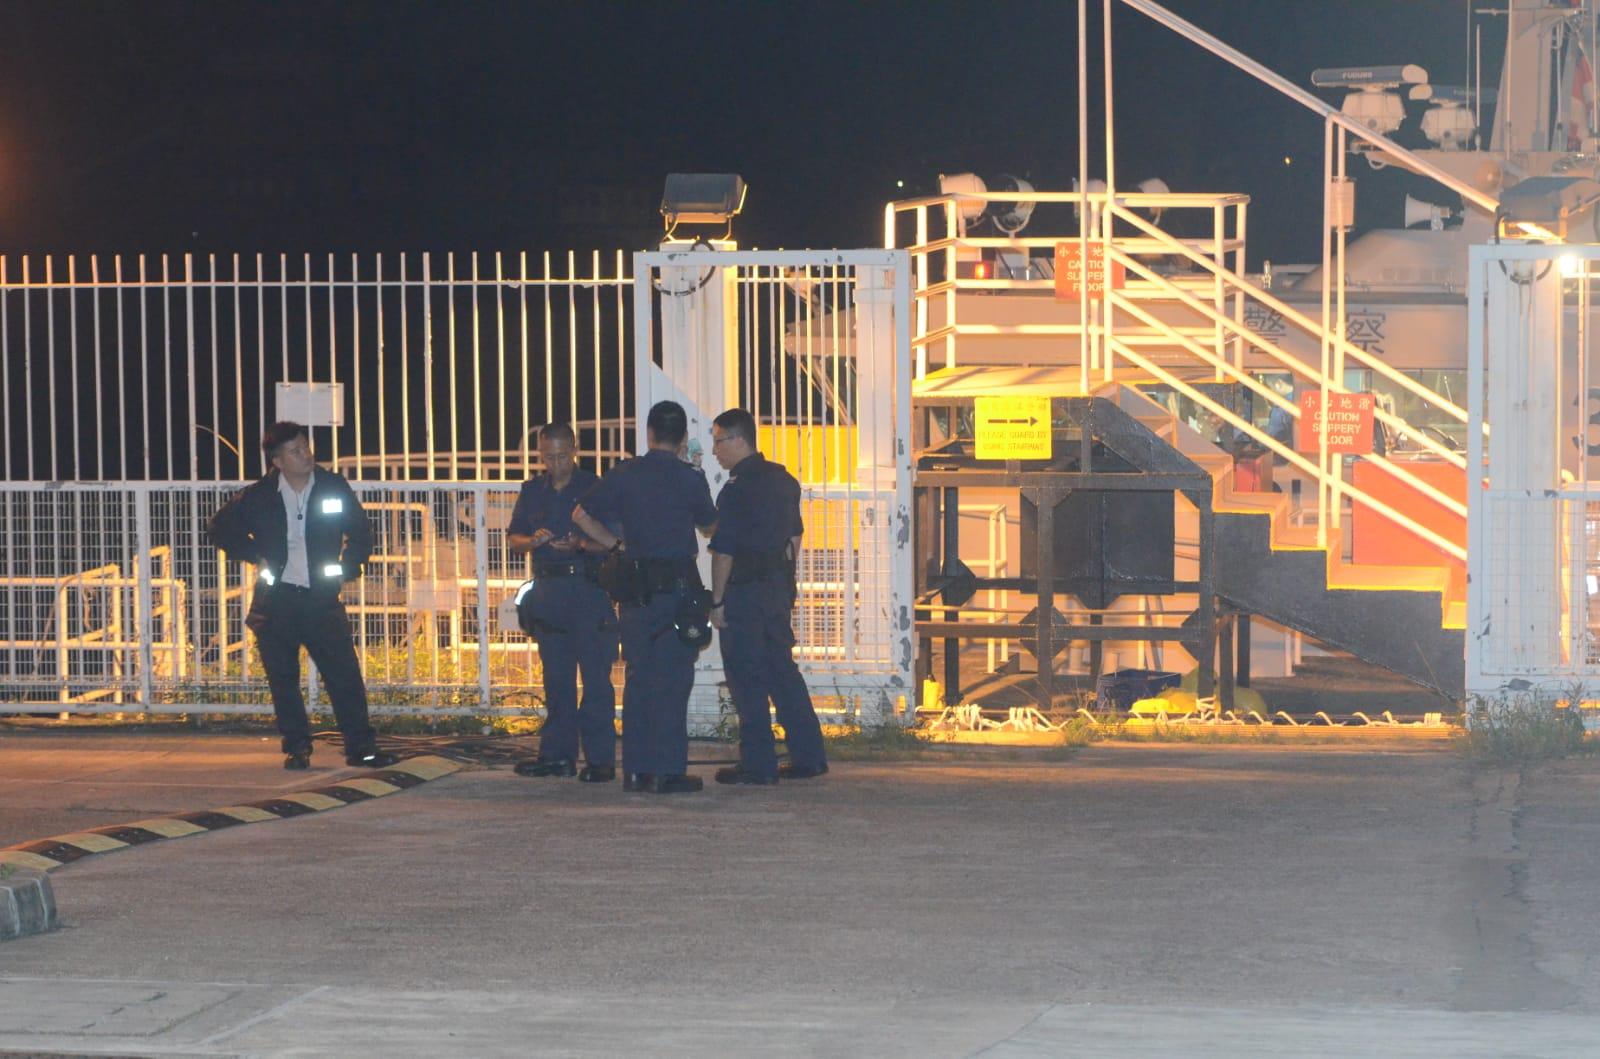 趸船工人油麻地堕海 失踪8小时后寻回尸体